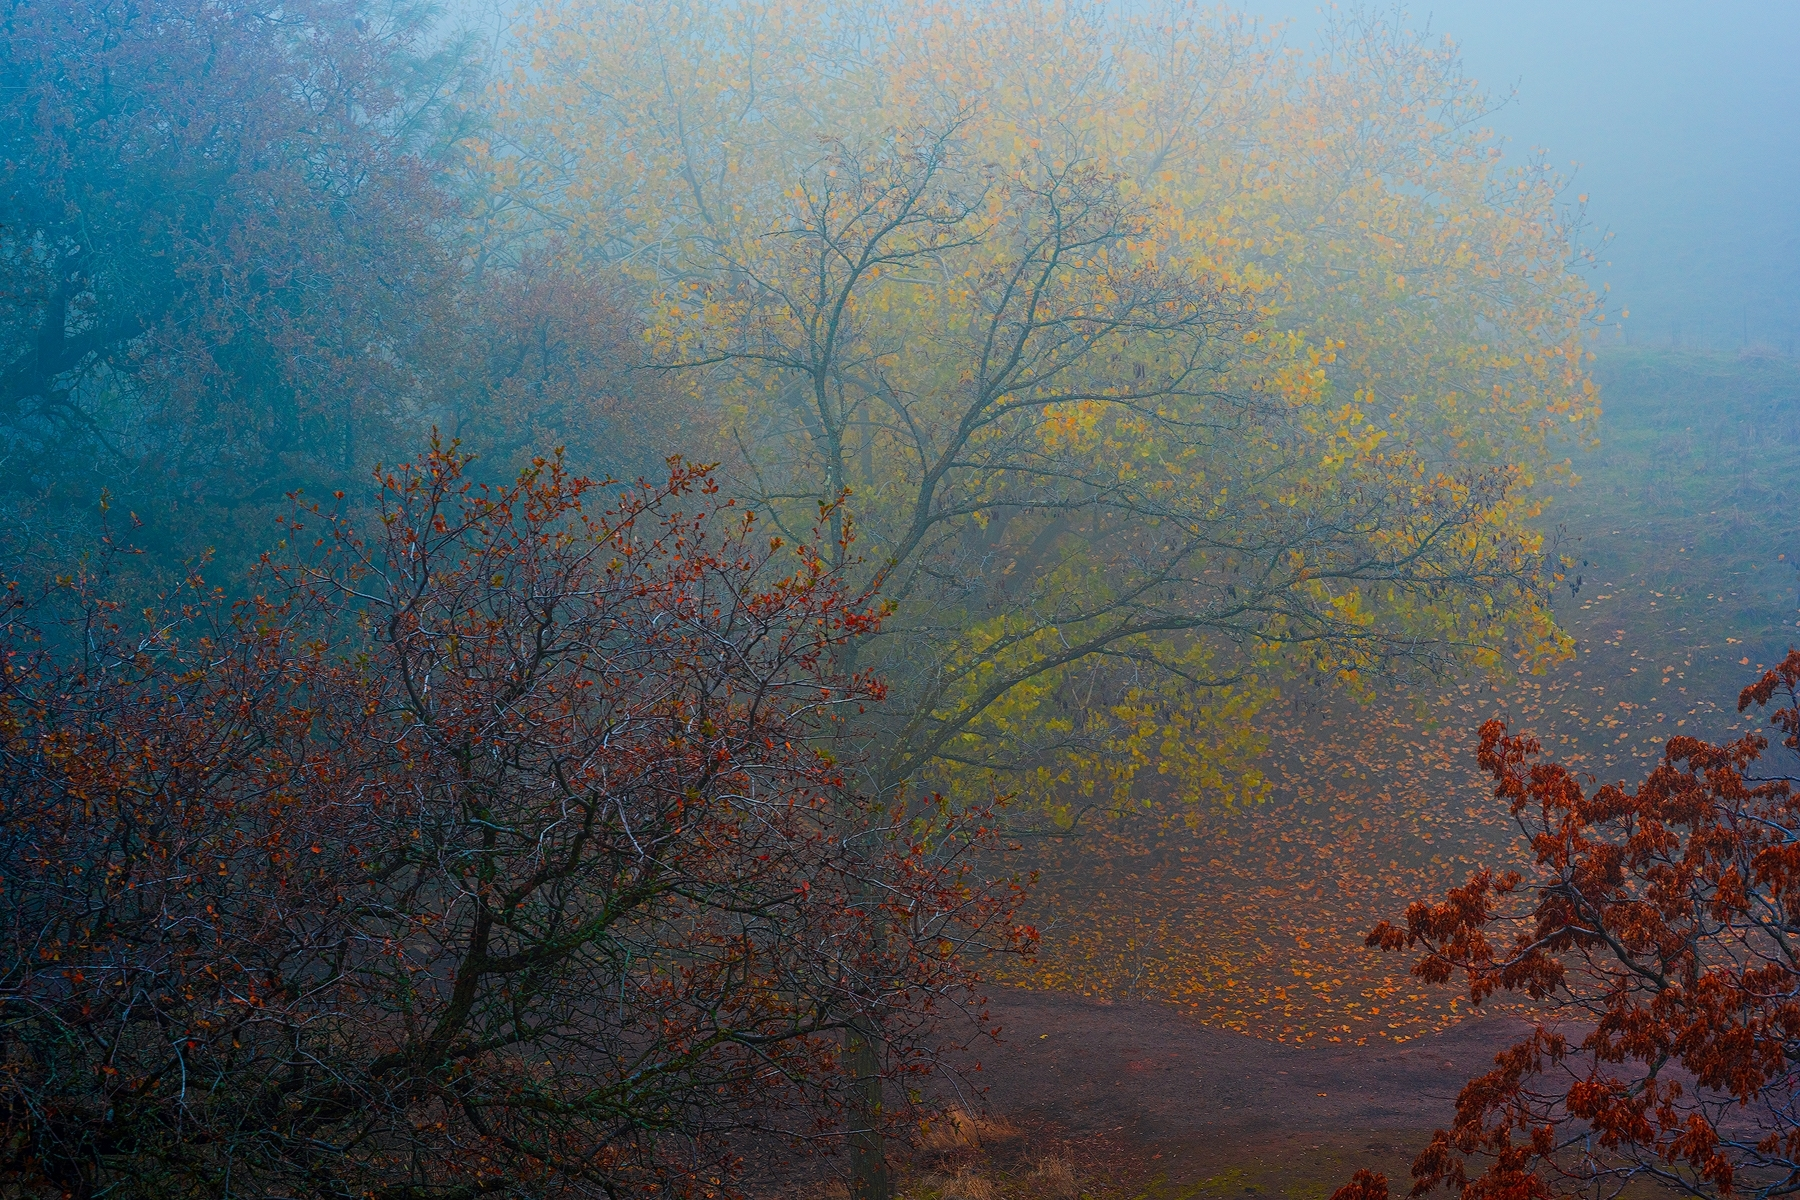 Autumn-Mist-3389677-PB-1-Place-by-Richard-Haile-CC